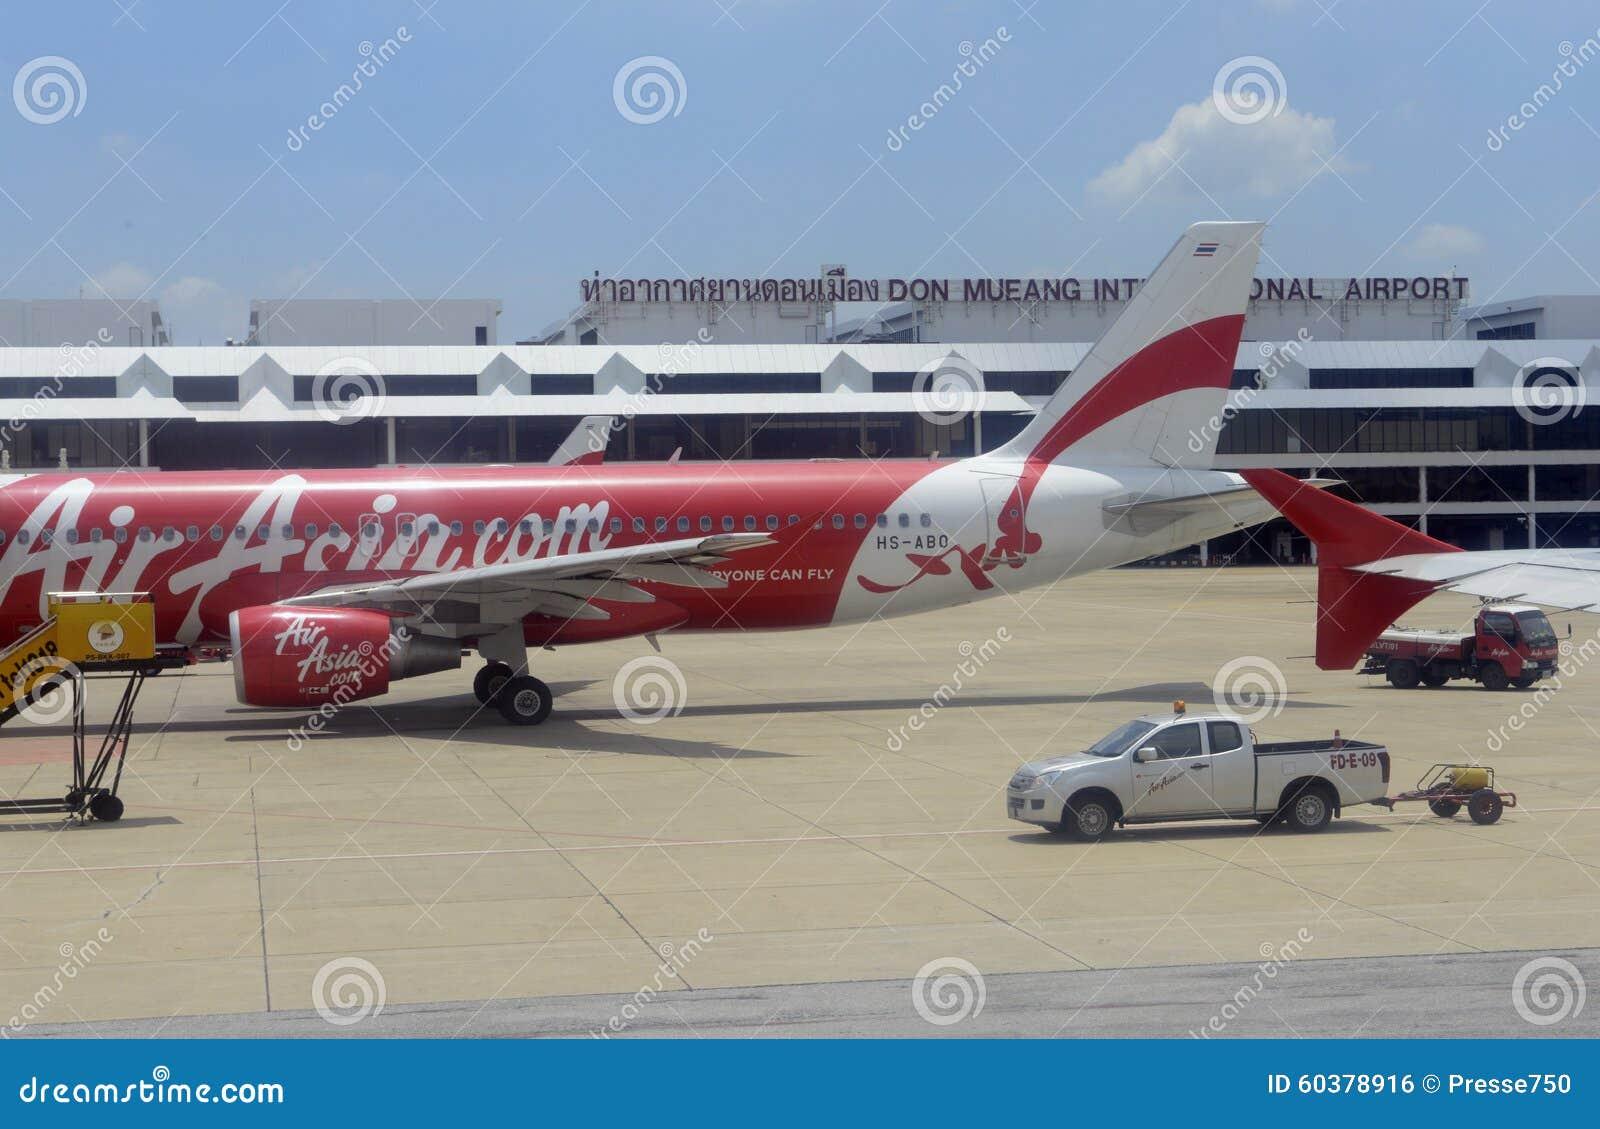 AIRPORT DELL ASIA TAILANDIA BANGKOK DONG MUEANG